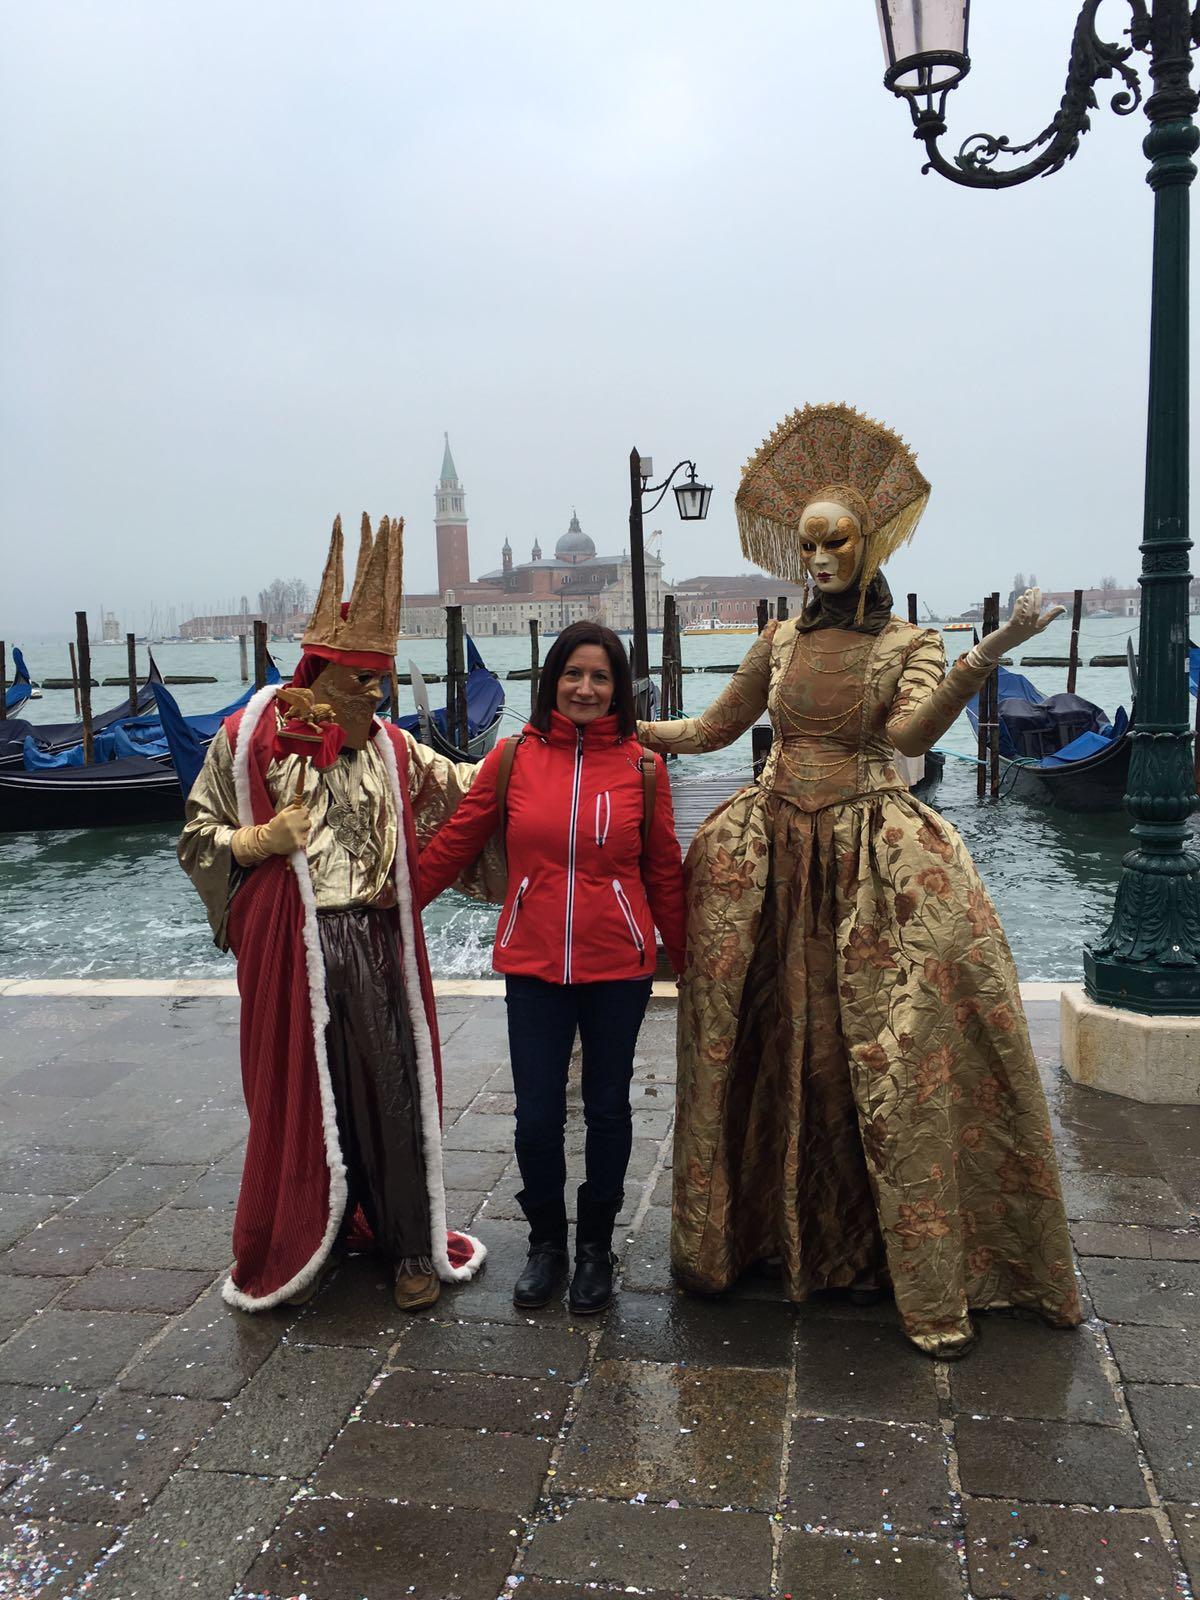 Tina en los Carnavales de Venecia